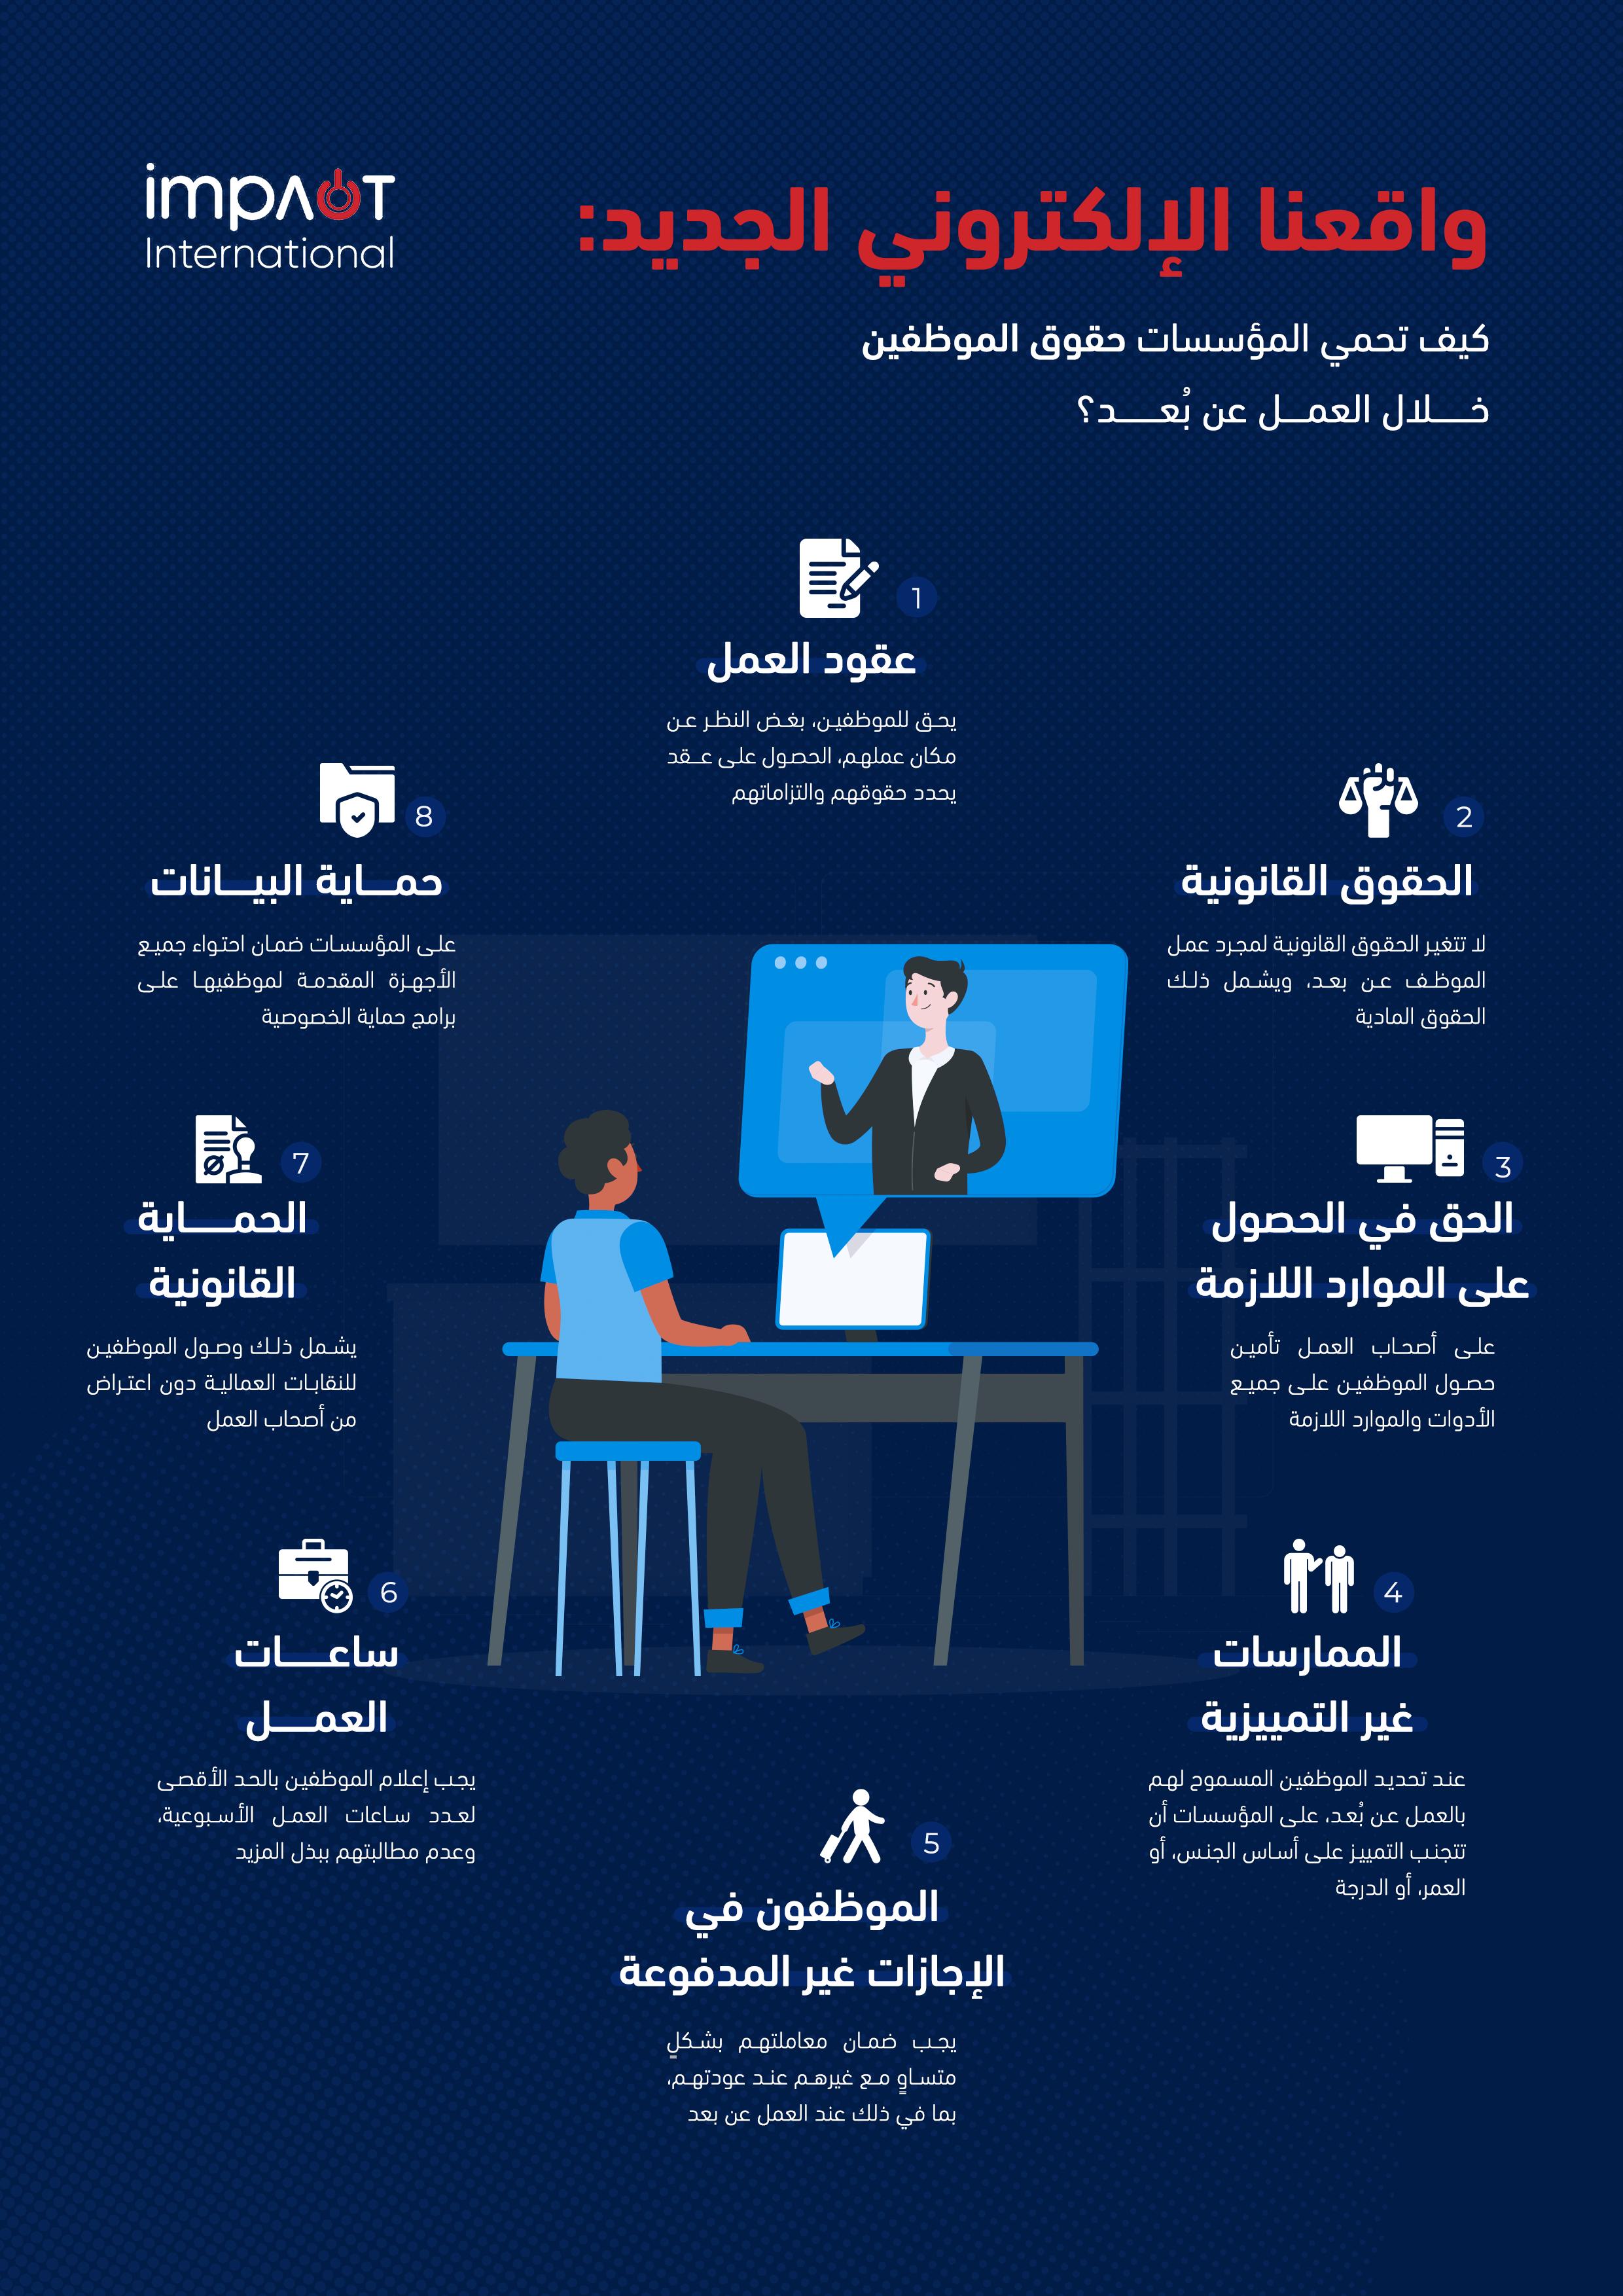 واقعنا الإلكتروني الجديد: كيف تحمي المؤسسات حقوق الموظفين خلال العمل عن بُعد؟